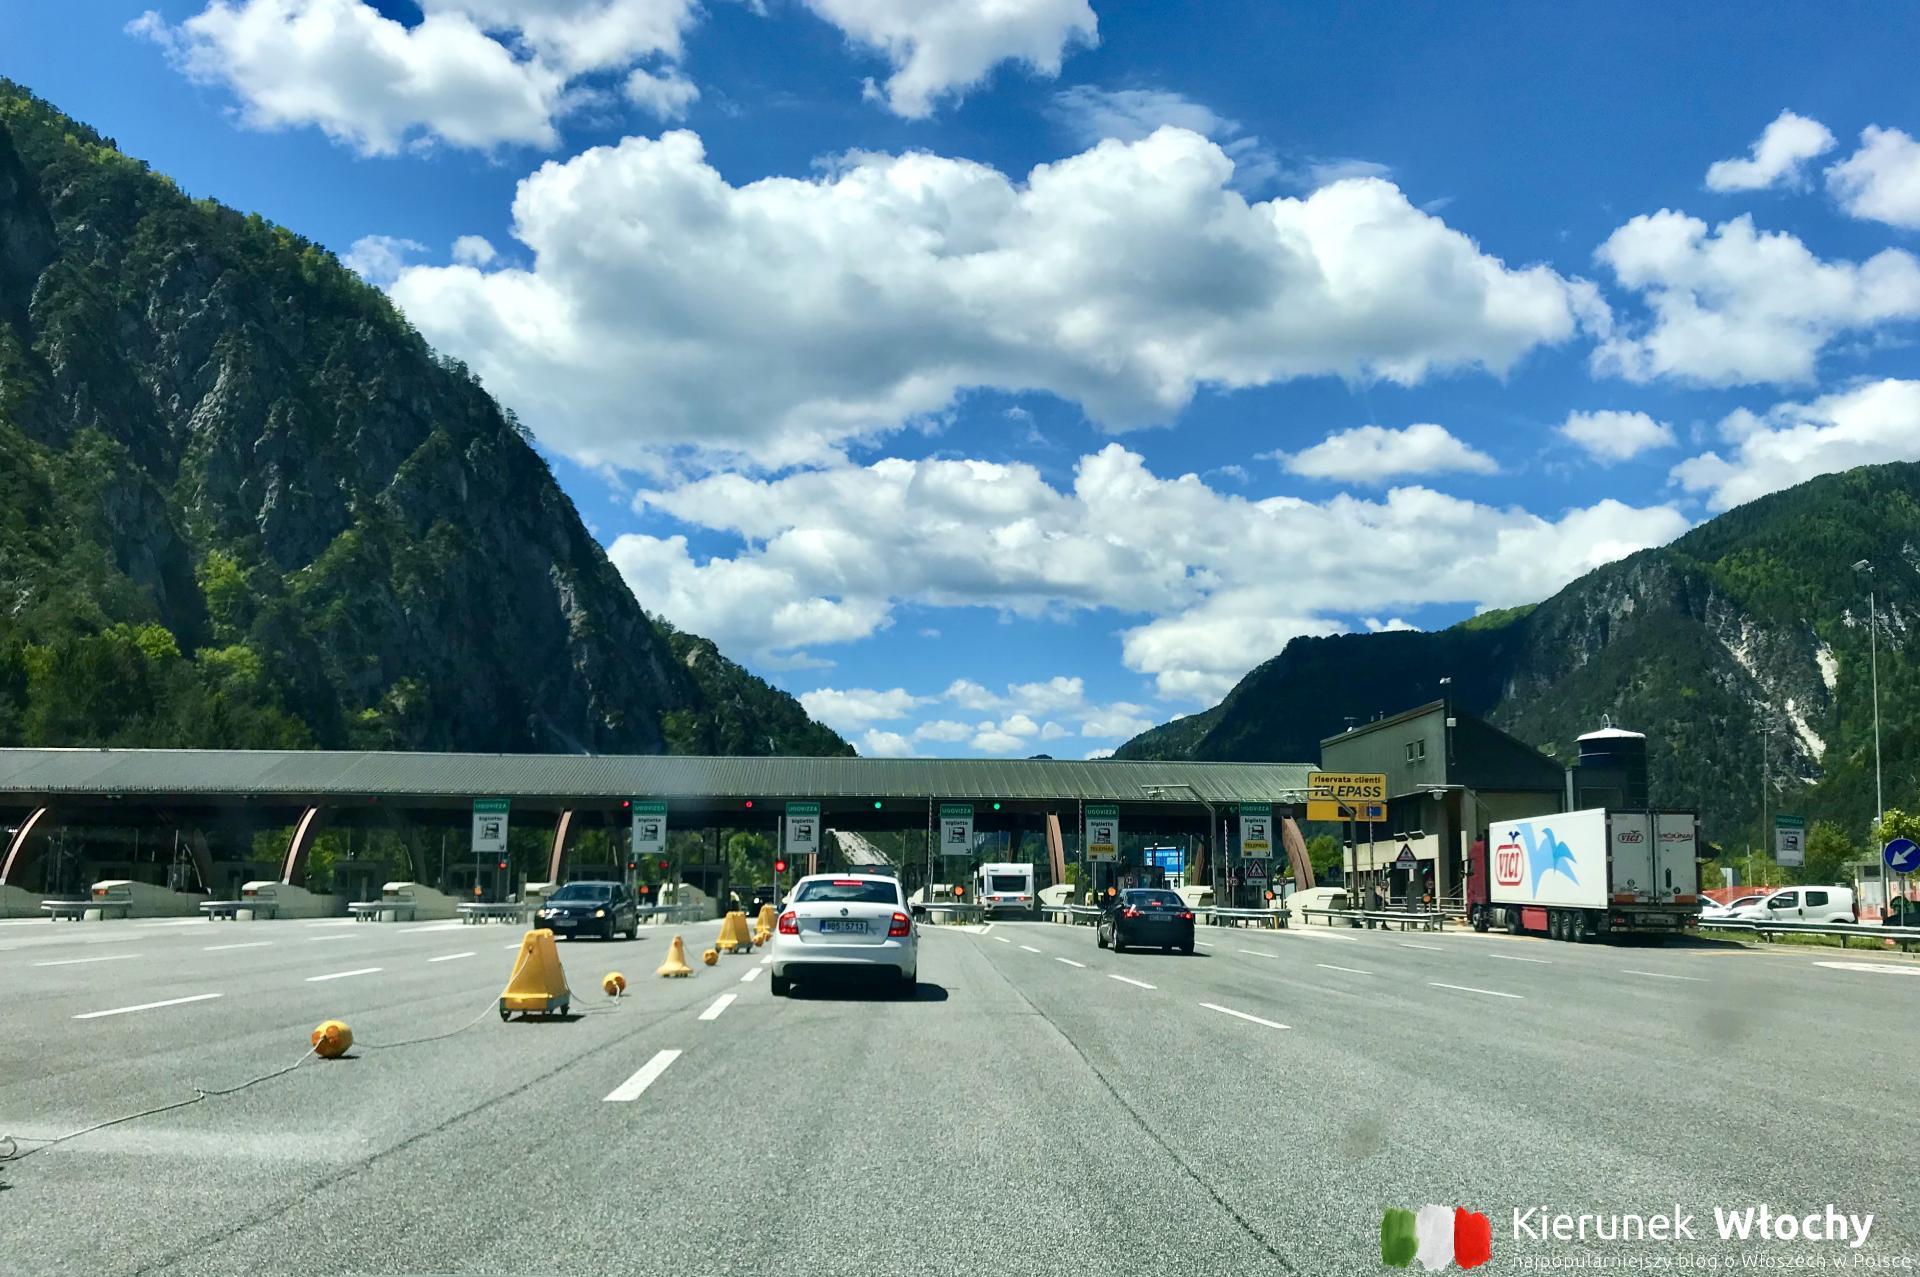 Opłaty za autostrady we Włoszech - jakie są ceny autostrad we Włoszech w 2021?